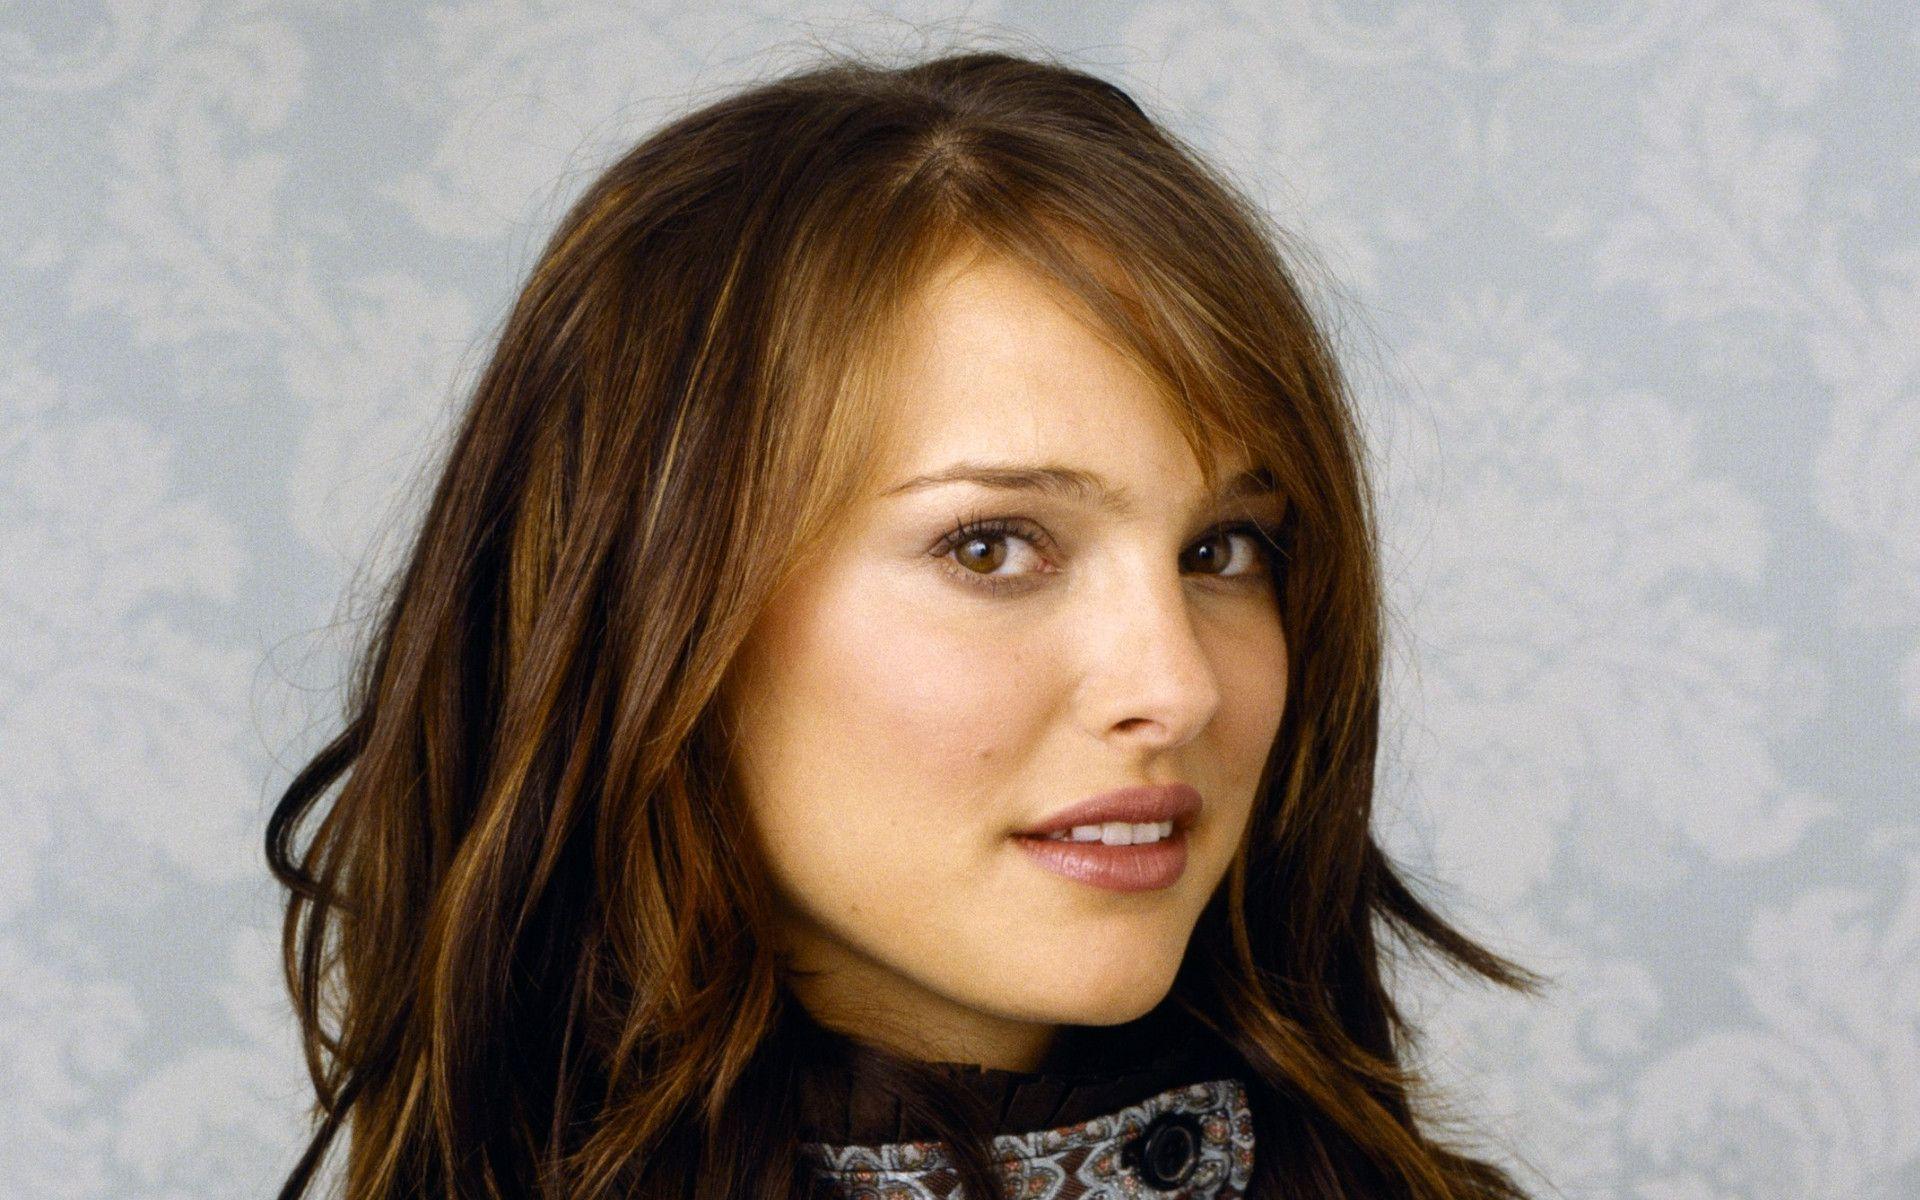 Natalie Portman Wallpaper - Celebrities Wallpapers (9664) ilikewalls.